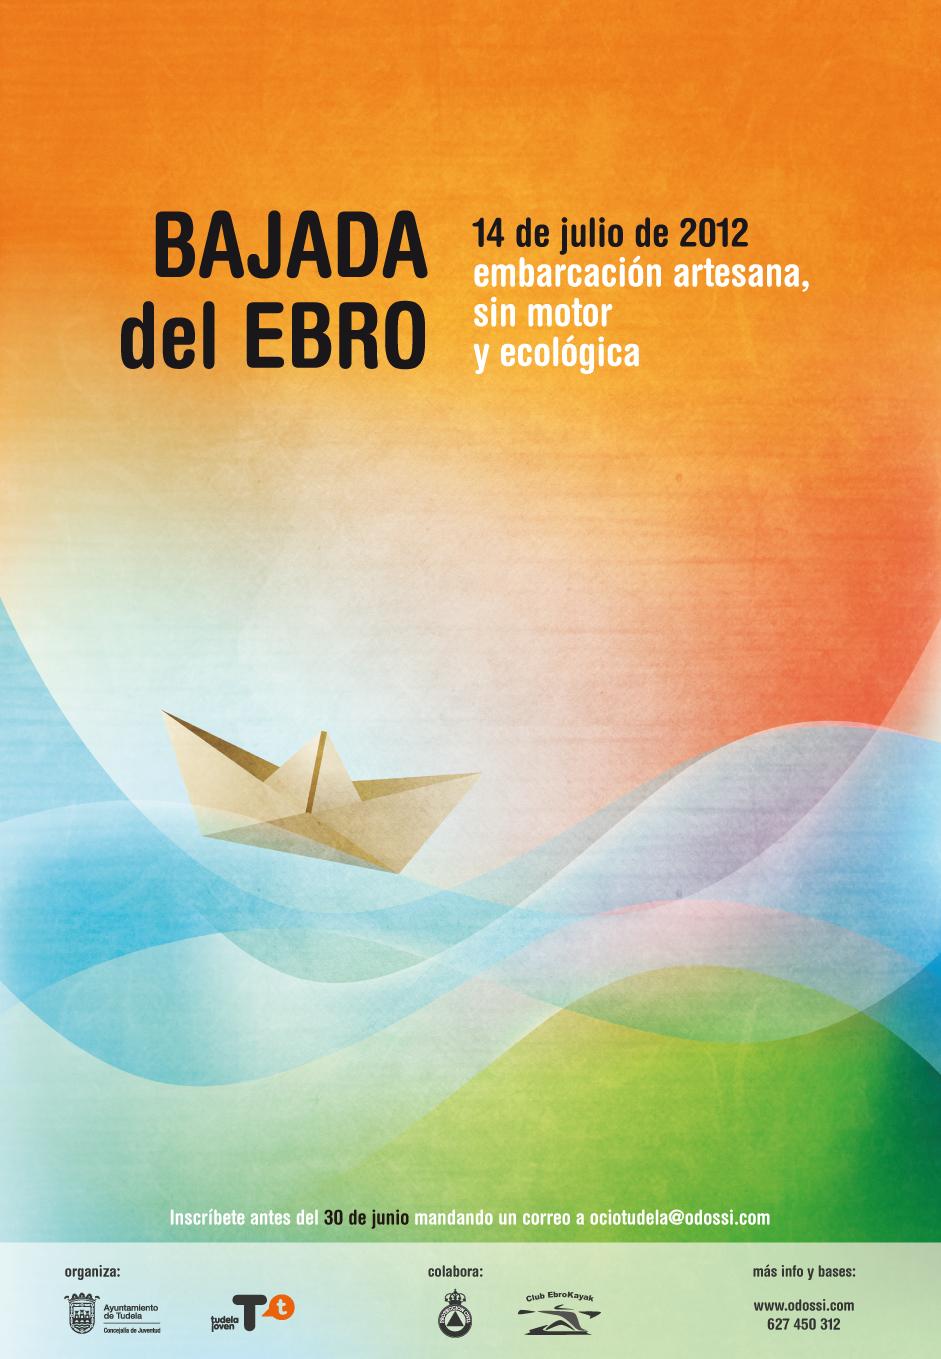 Bajada del Ebro